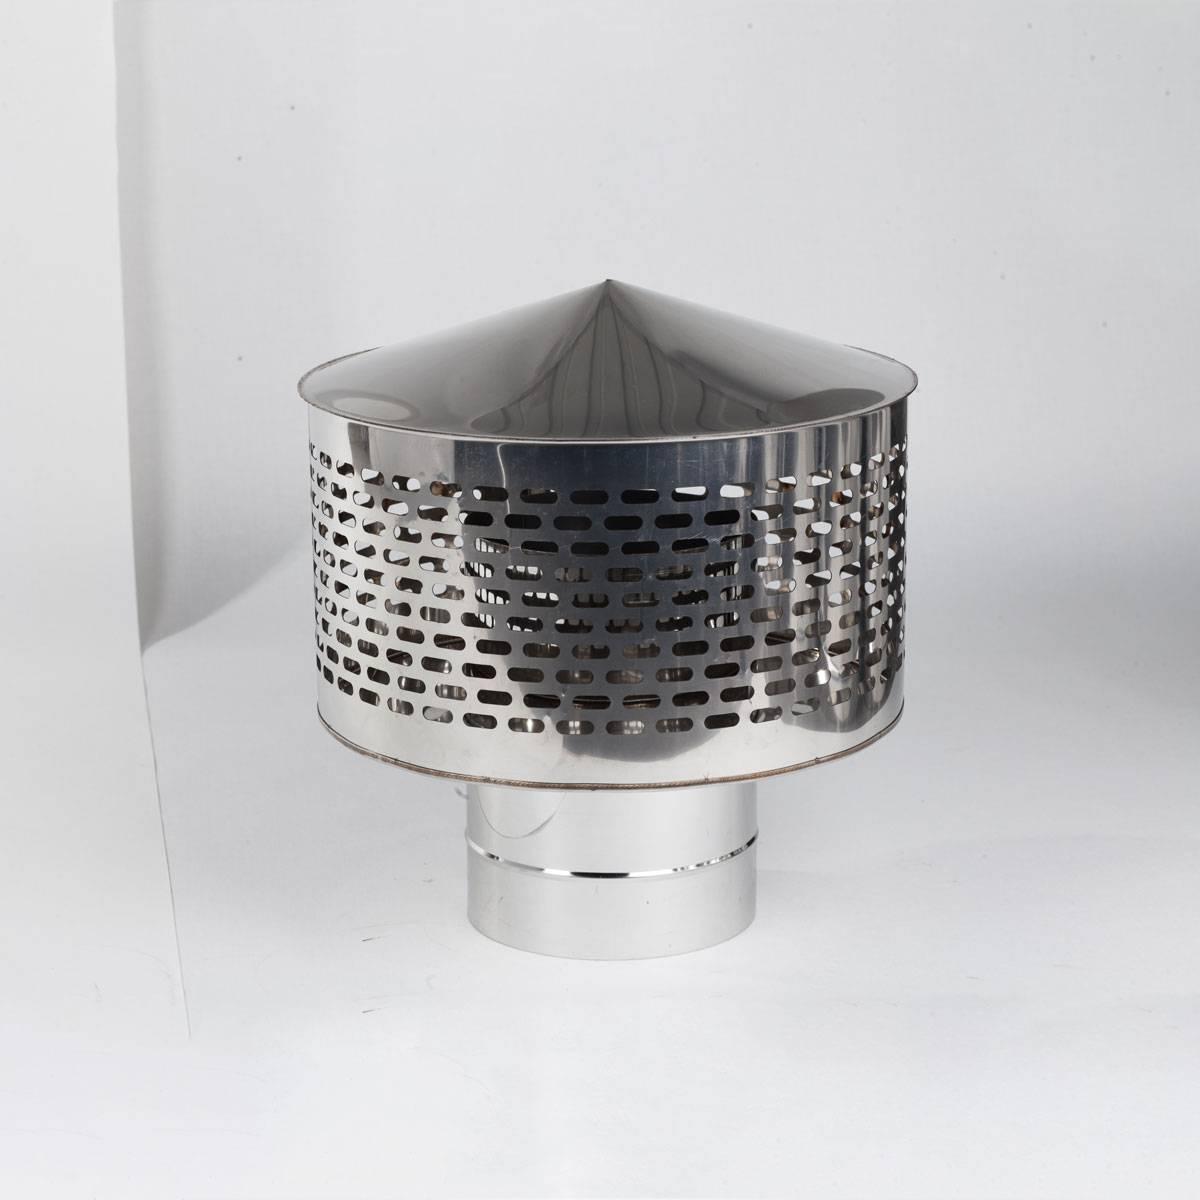 Искрогаситель на дымоход: как можно снизить «искровый выхлоп» + пример самоделки